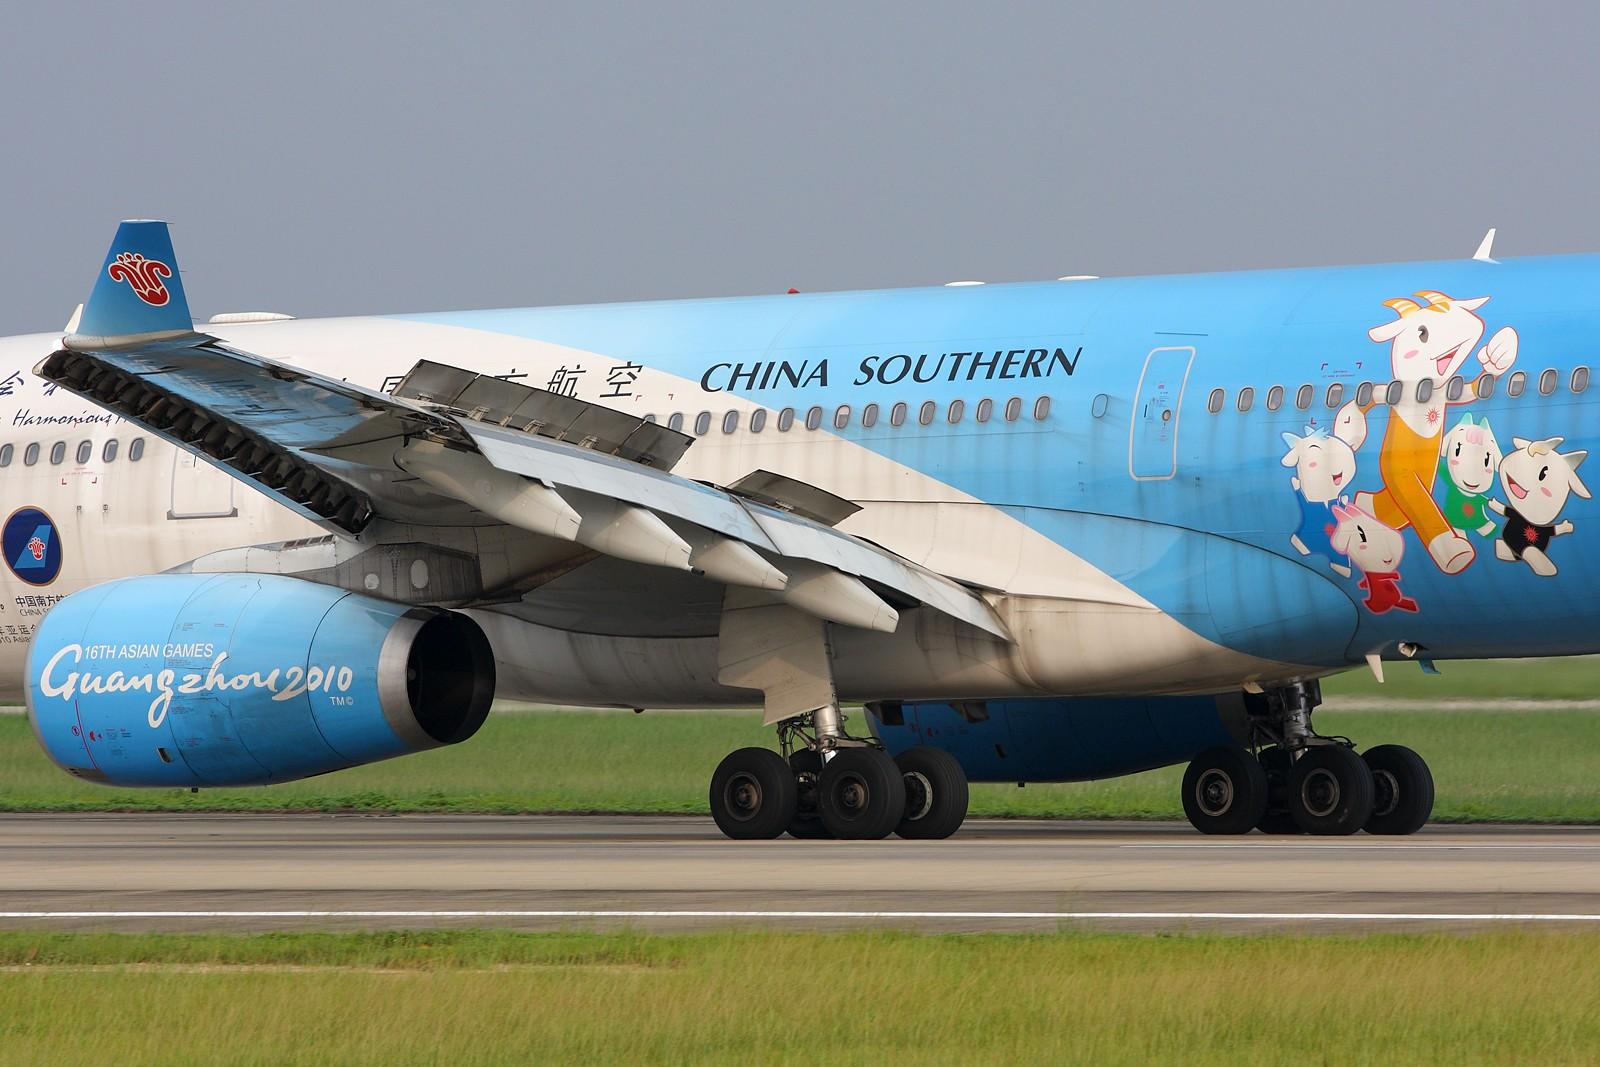 Re:[原创]【深圳飞友会】5张空中大头特写,再加4张是第一场尝试拍摄(引擎与轮组的大特写)继续1600×1067大图呈上望带来视觉冲击效果。 AIRBUS A330-200  中国广州白云机场